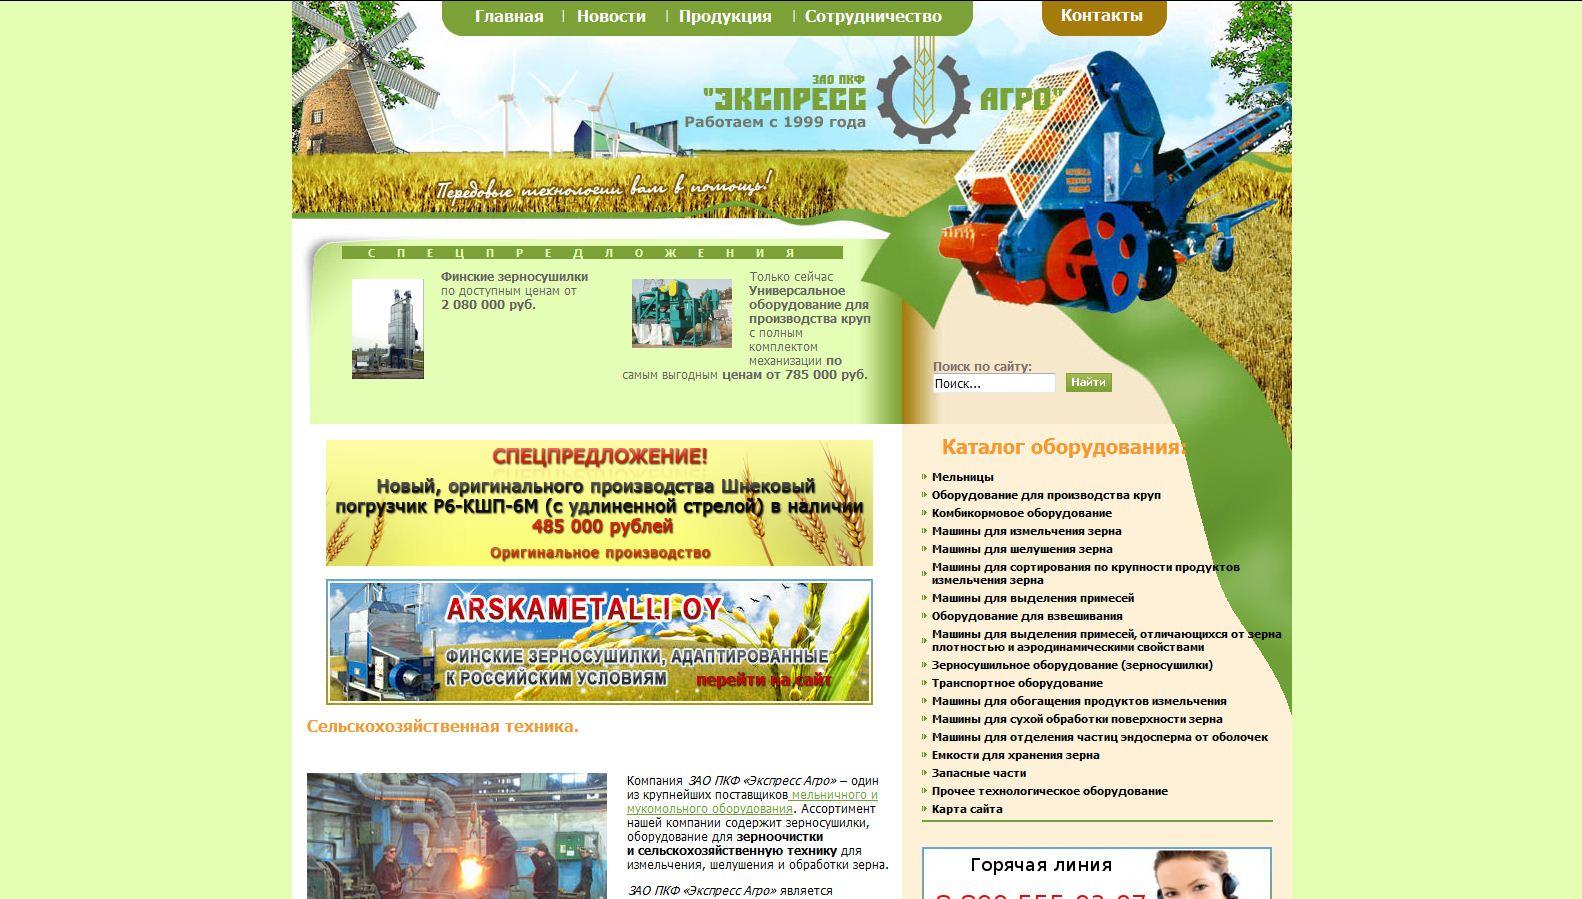 expressagro.ru